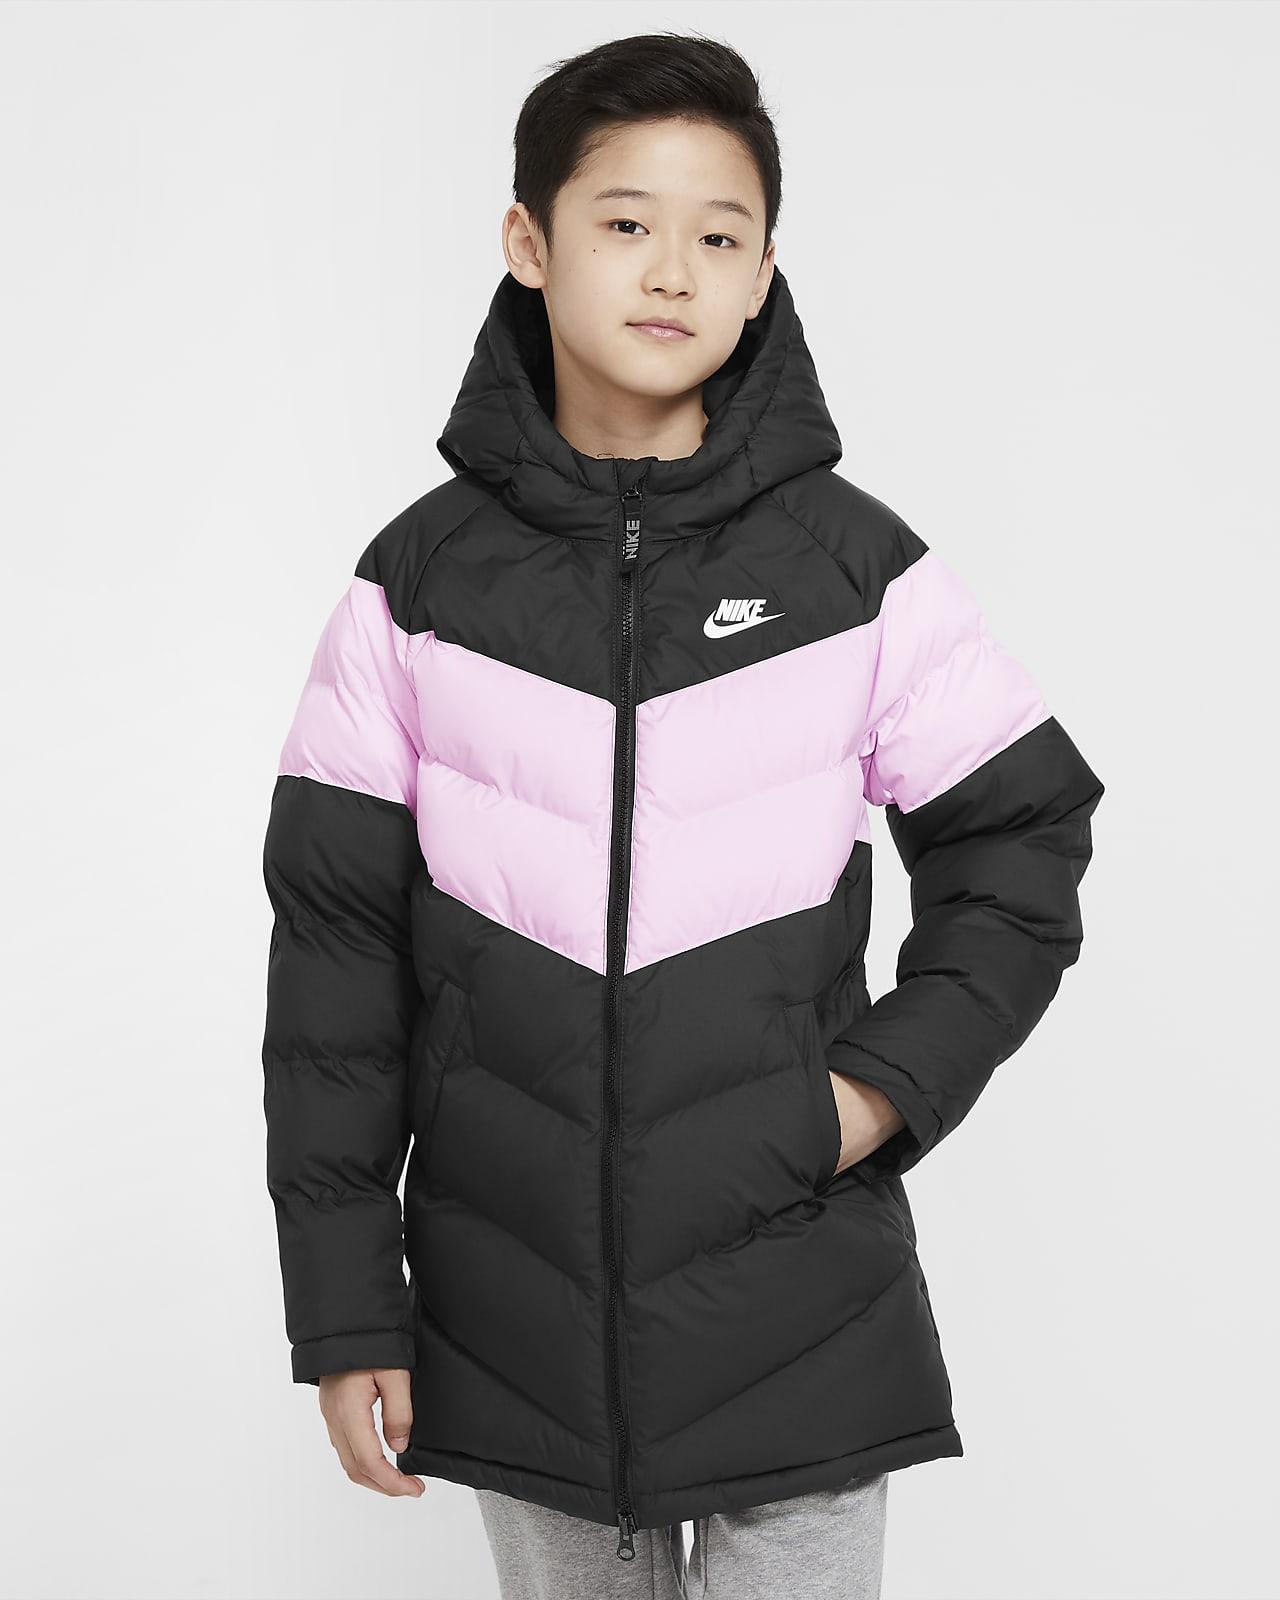 Τζάκετ με συνθετικό γέμισμα και εξαιρετικά μακρύ μήκος Nike Sportswear για μεγάλα παιδιά